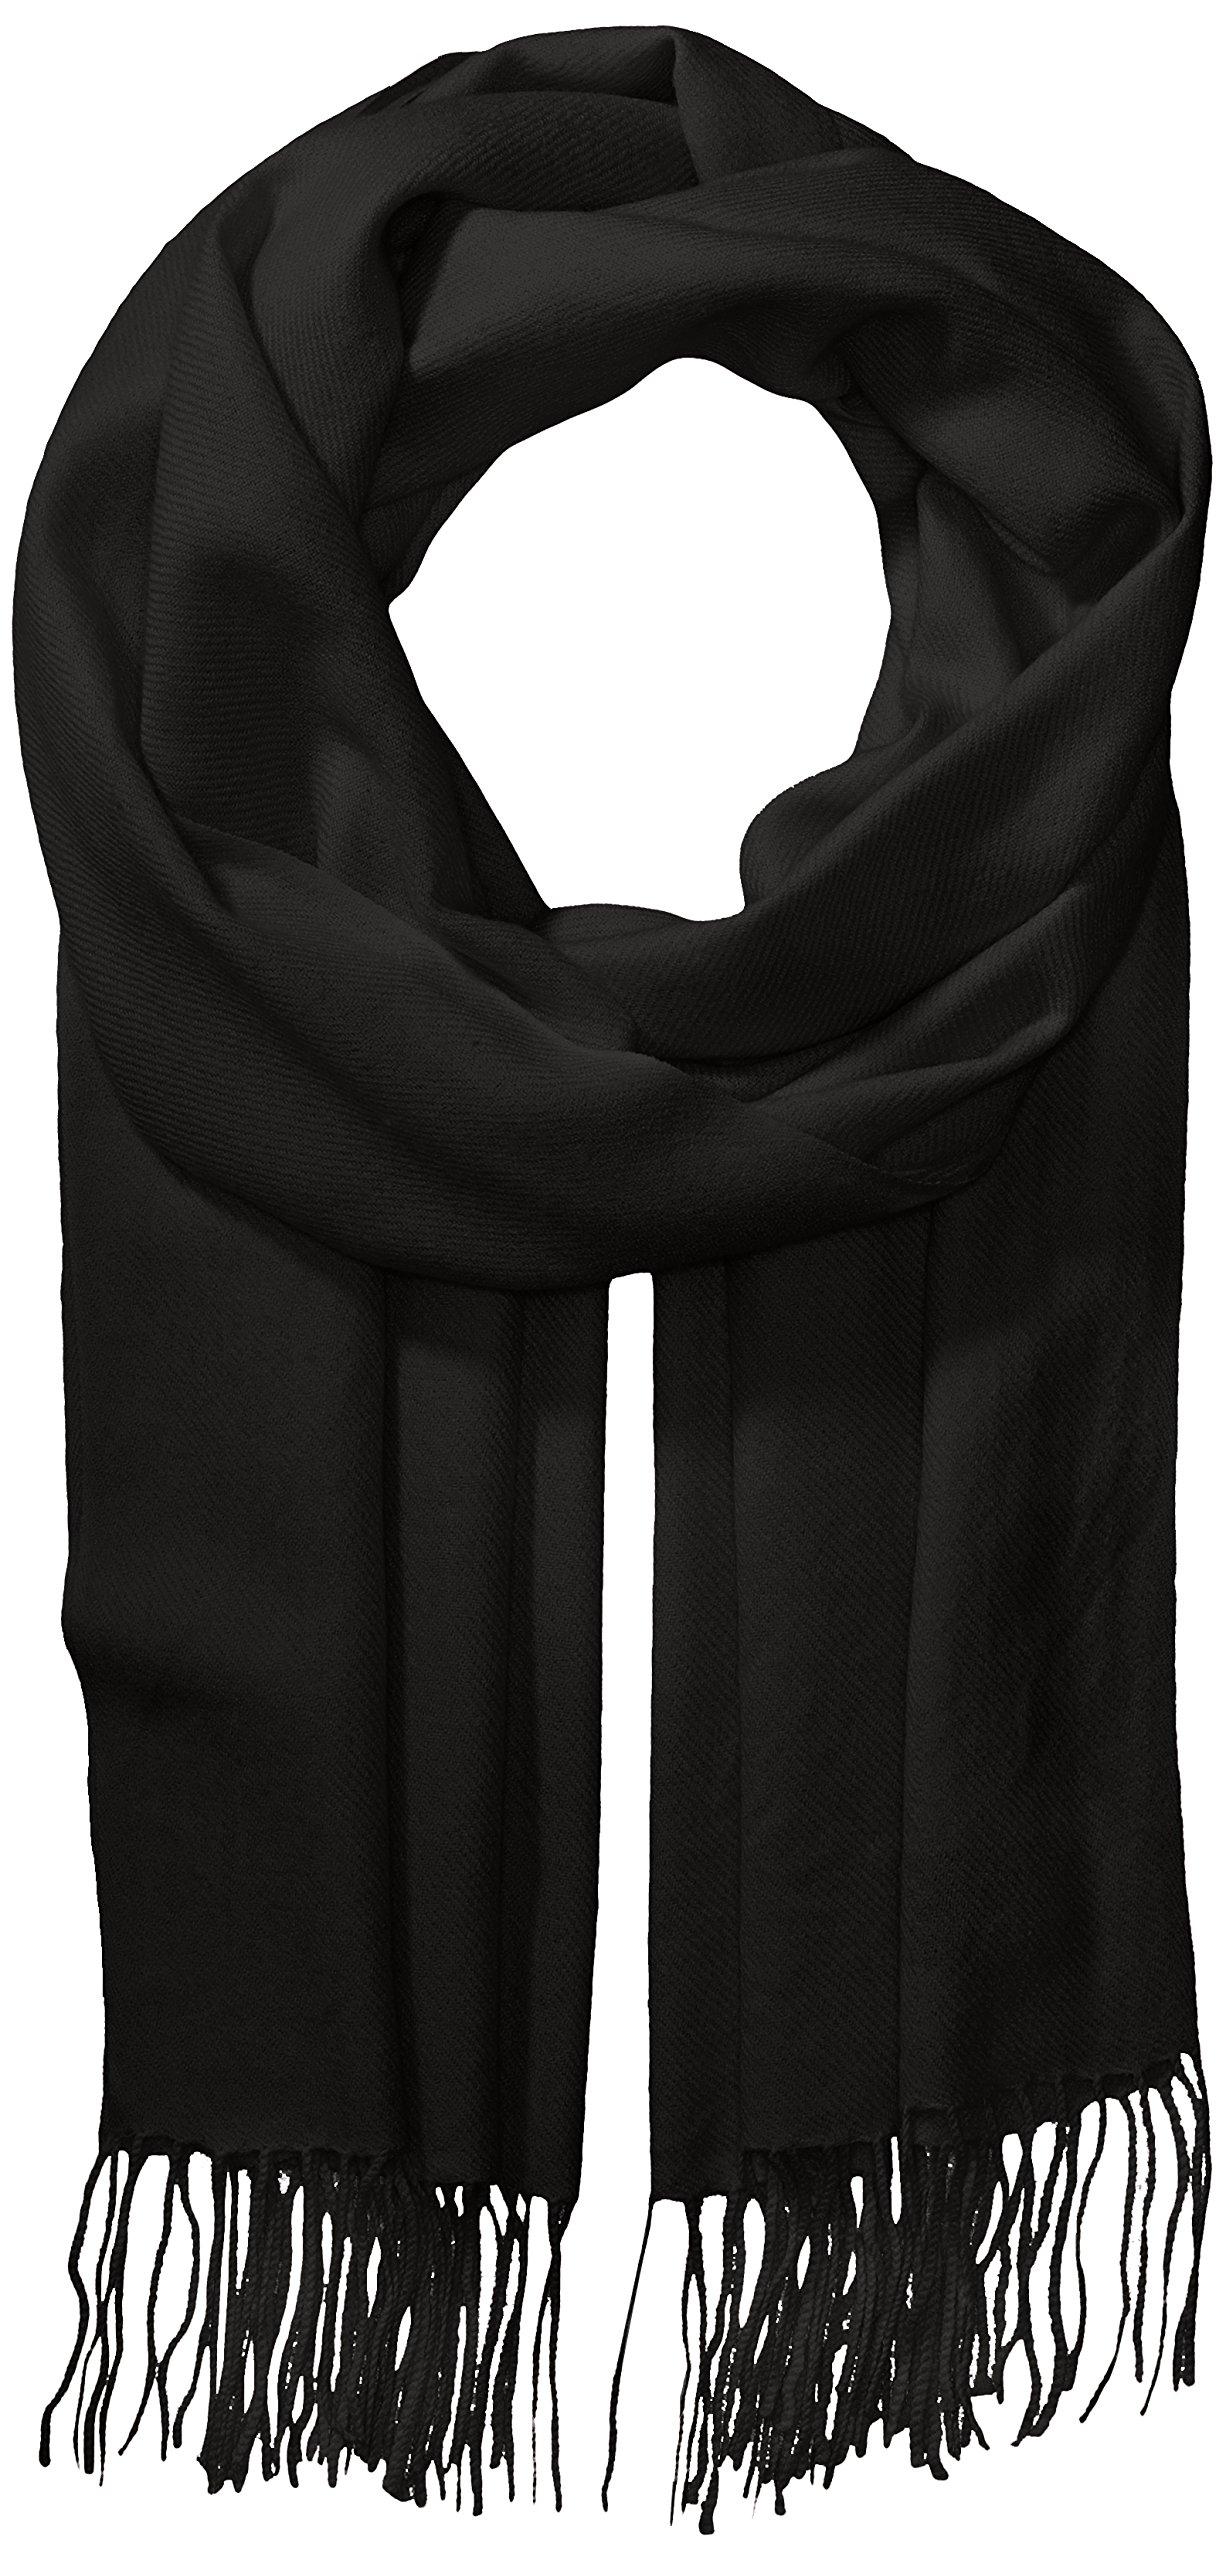 La Fiorentina Women's Soft Twill Cashmere Scarf, black, One Size by La Fiorentina